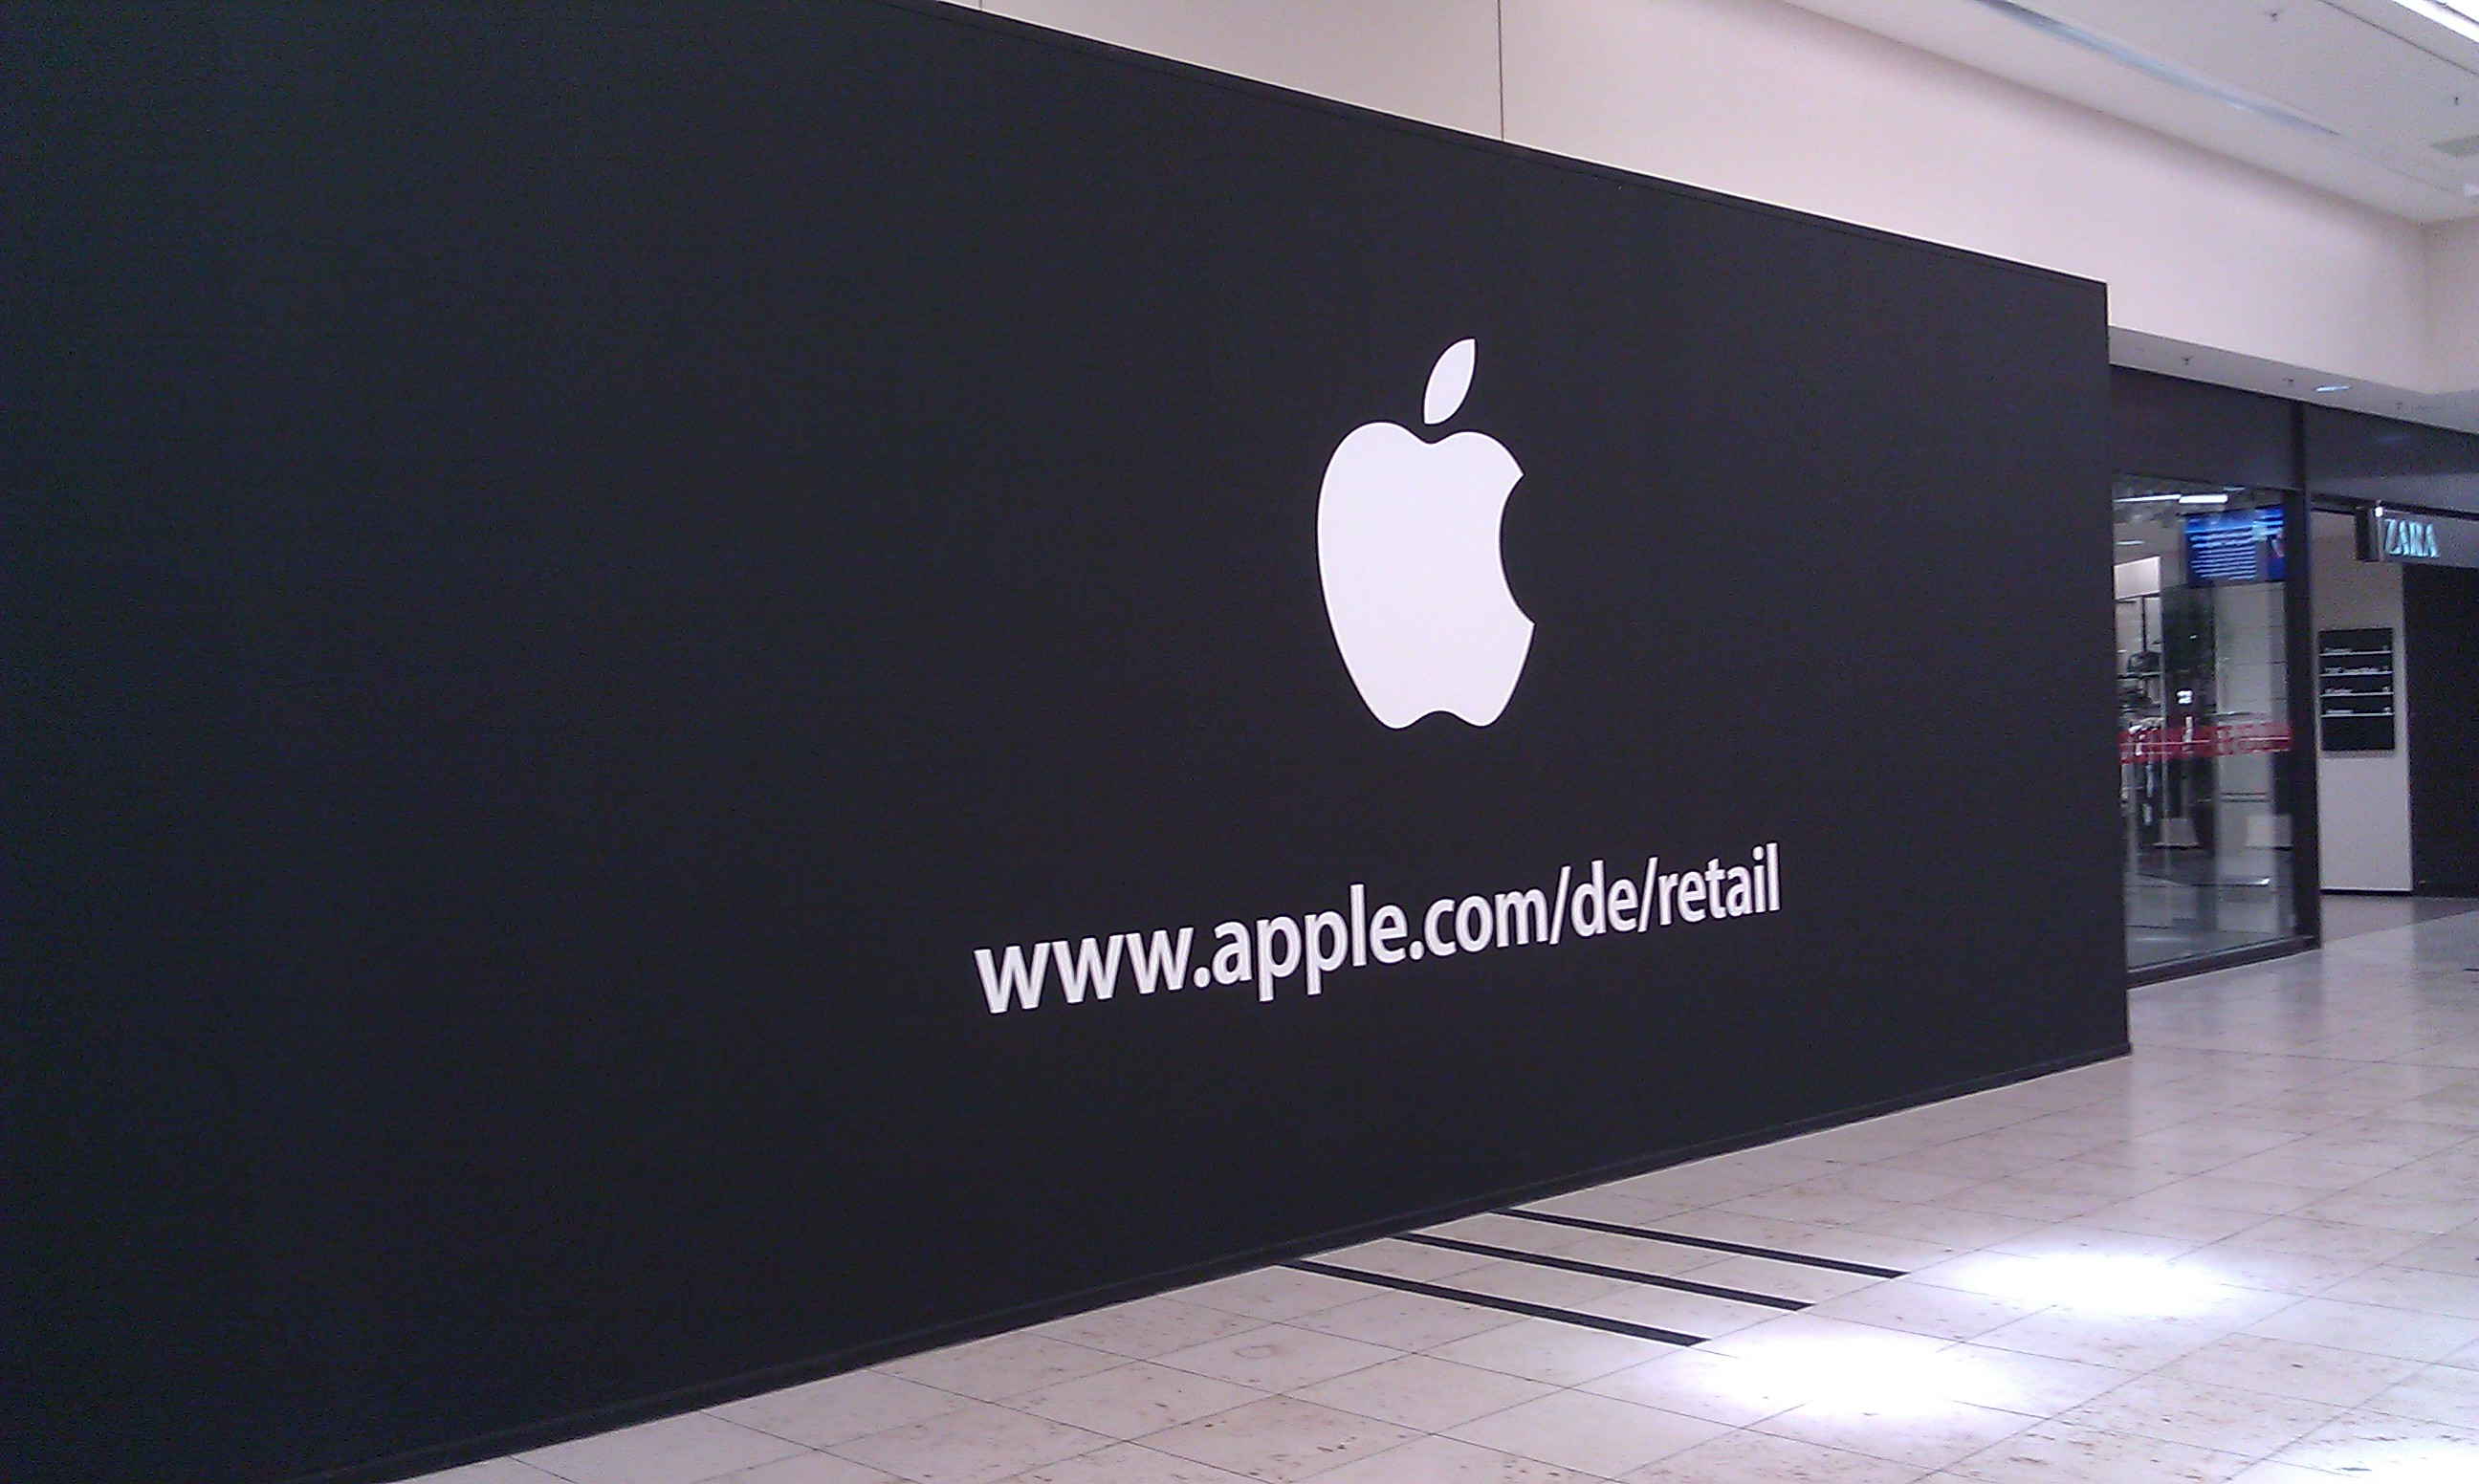 apple store im rhein center k ln er ffnet am 1 september giga. Black Bedroom Furniture Sets. Home Design Ideas